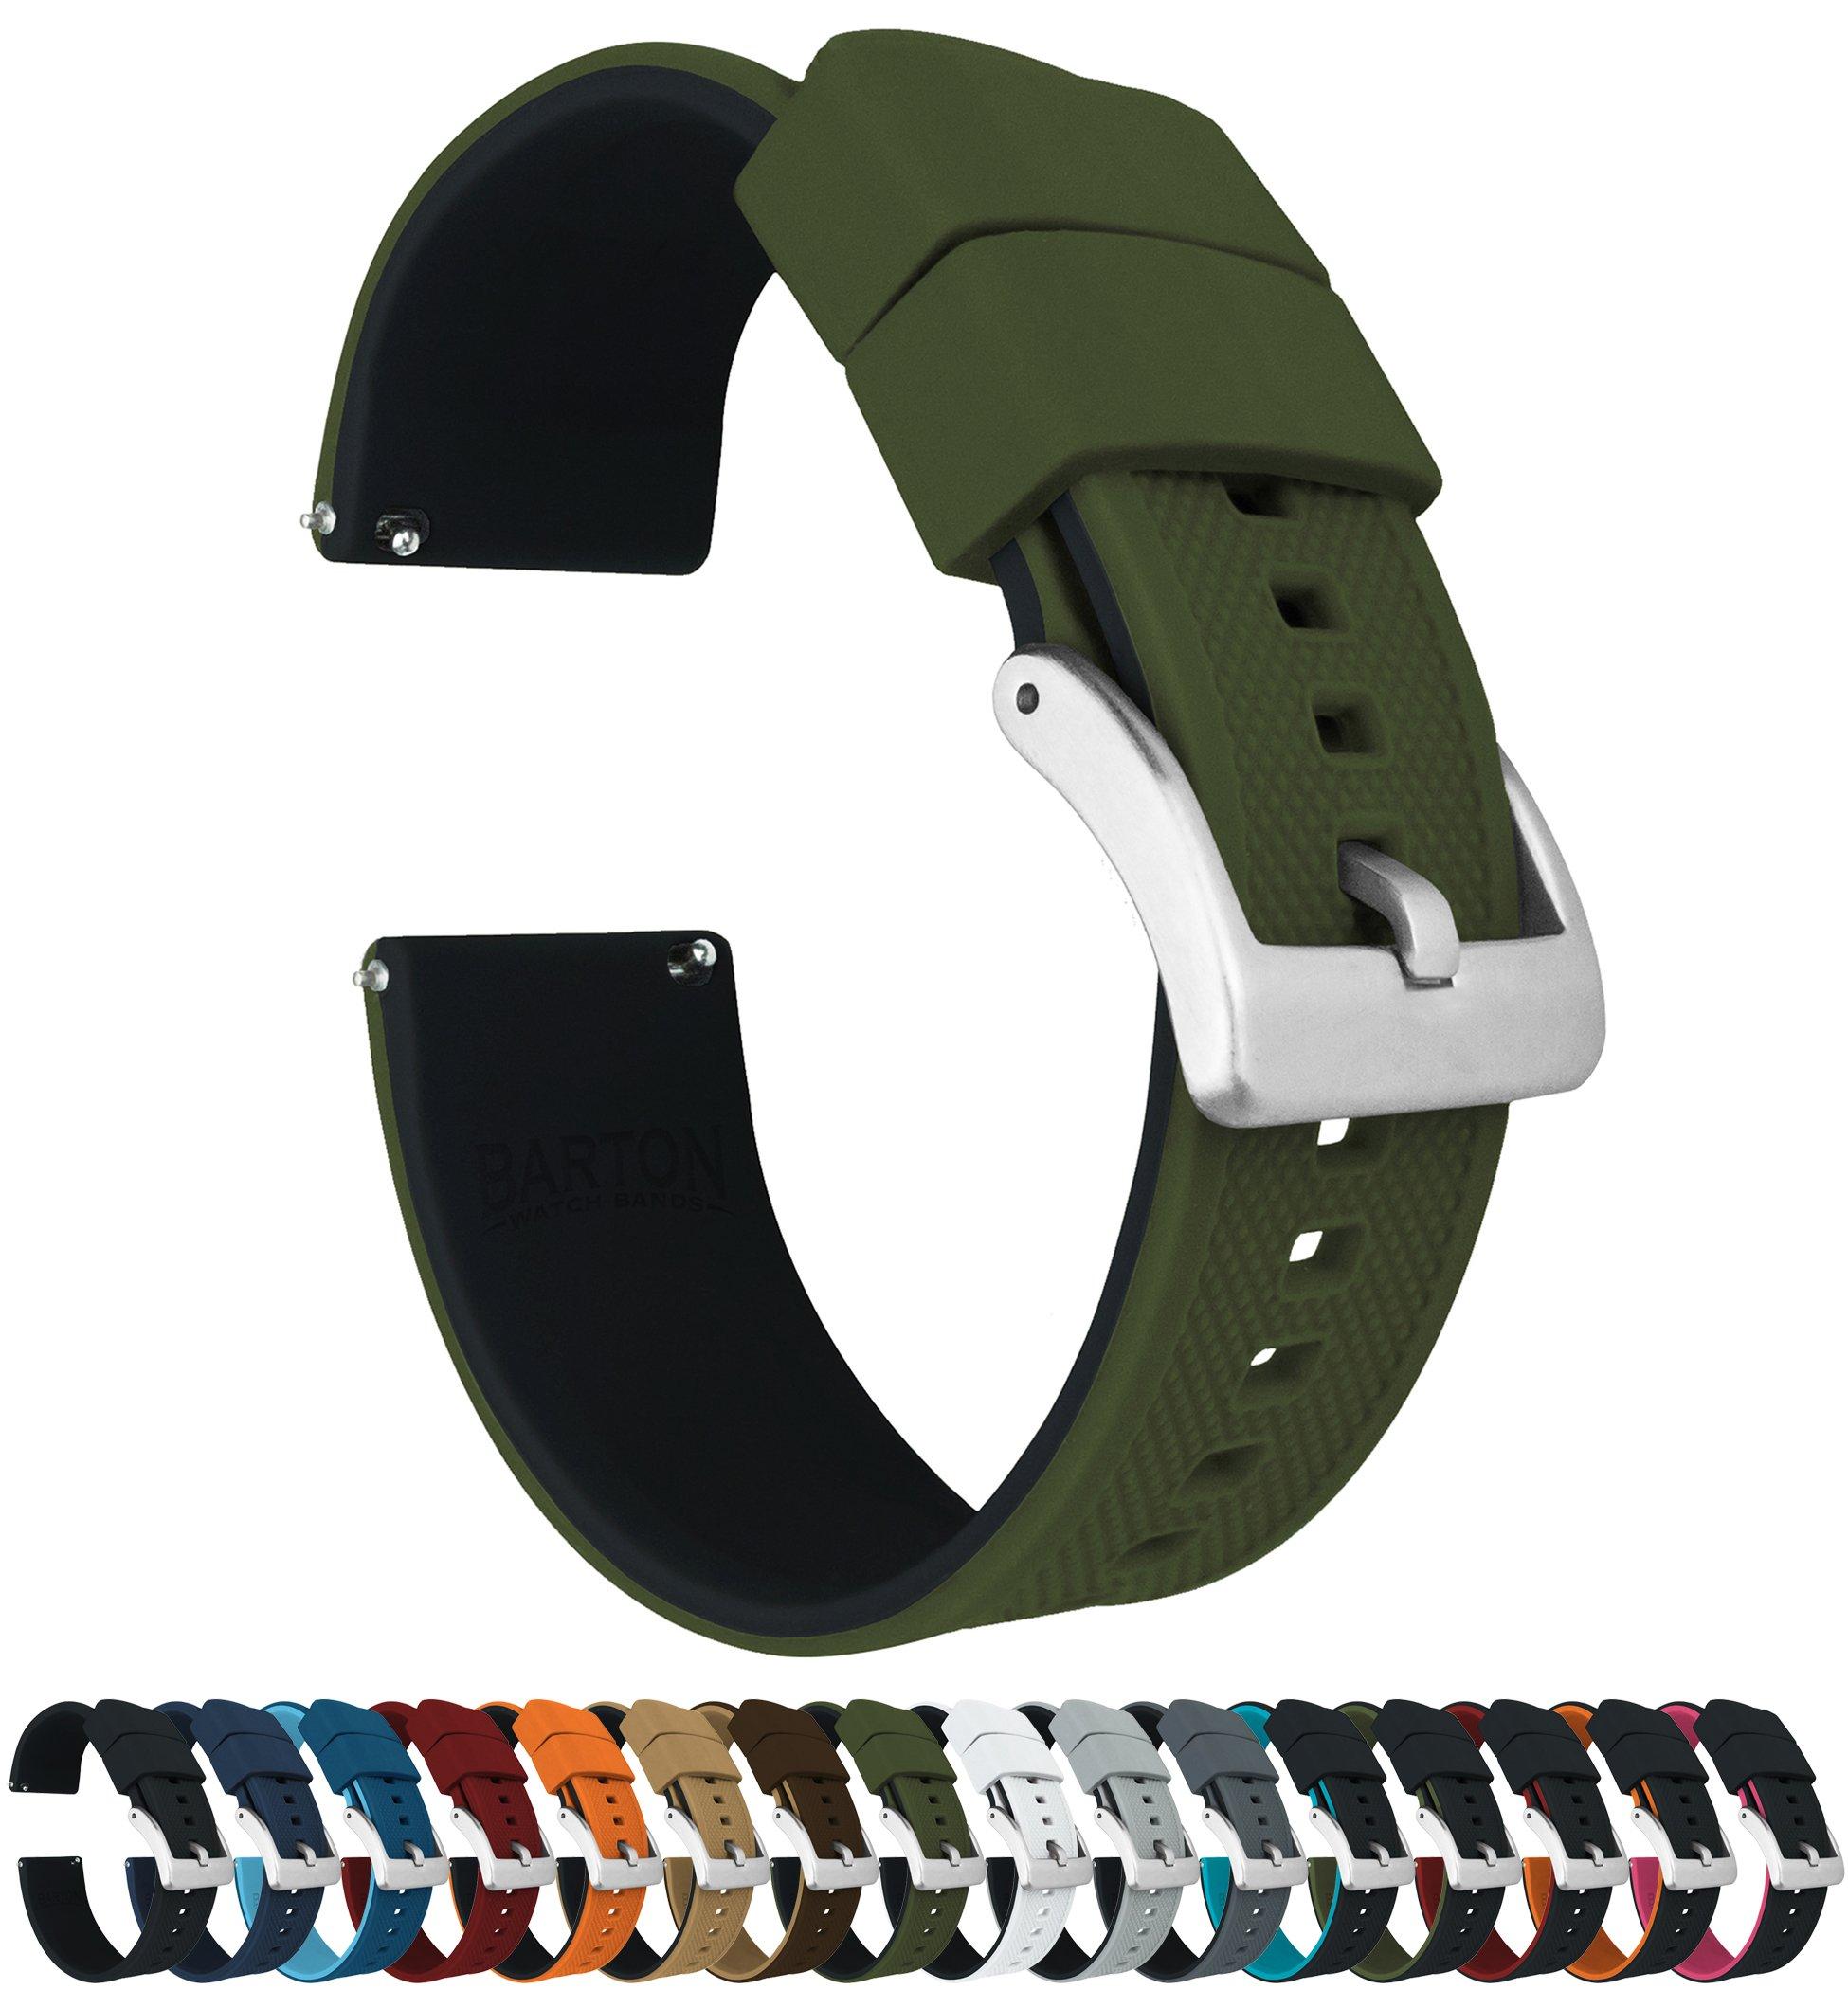 Barton-Elite-Silikon-Uhrenarmbnder–Schnellverschluss–whlen-Sie-Farbe–18-mm-20-mm-und-22-mm-Uhrenarmbnder